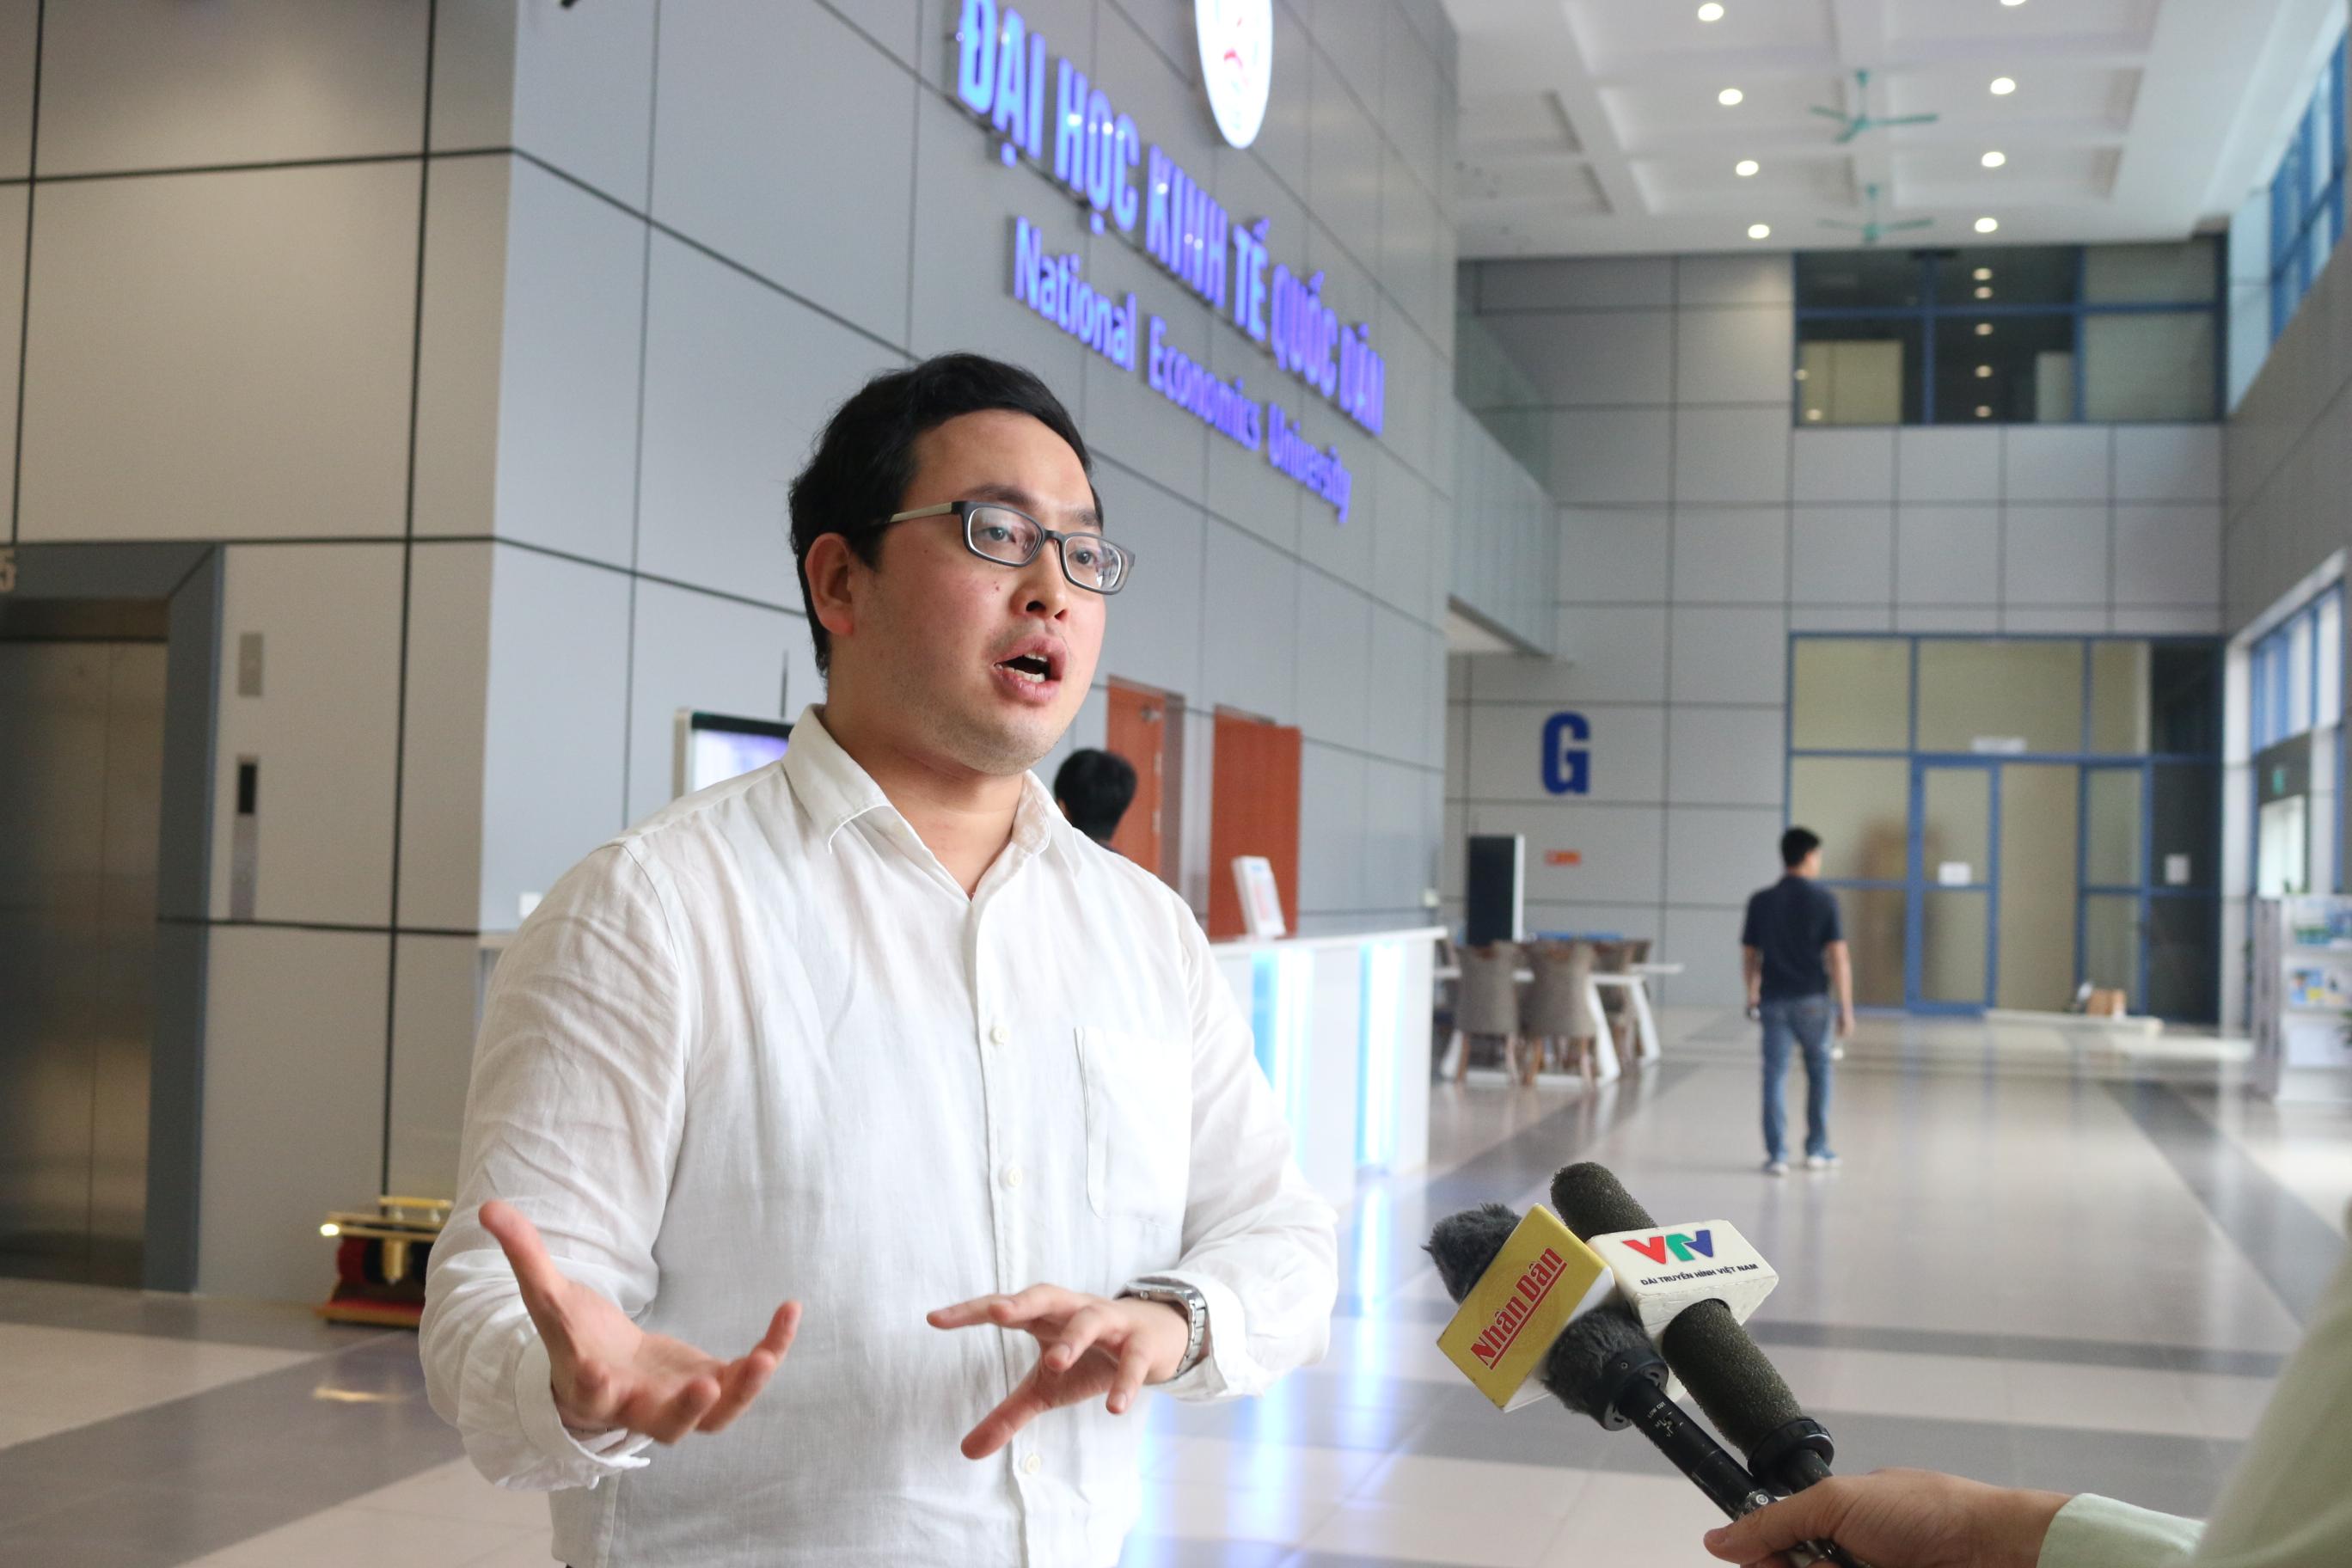 Nextrans luôn tạo cơ hội cho các dự án khởi nghiệp tiềm năng về lĩnh vực công nghệ tài chính - ông Chris Chae chia sẻ với báo chí.